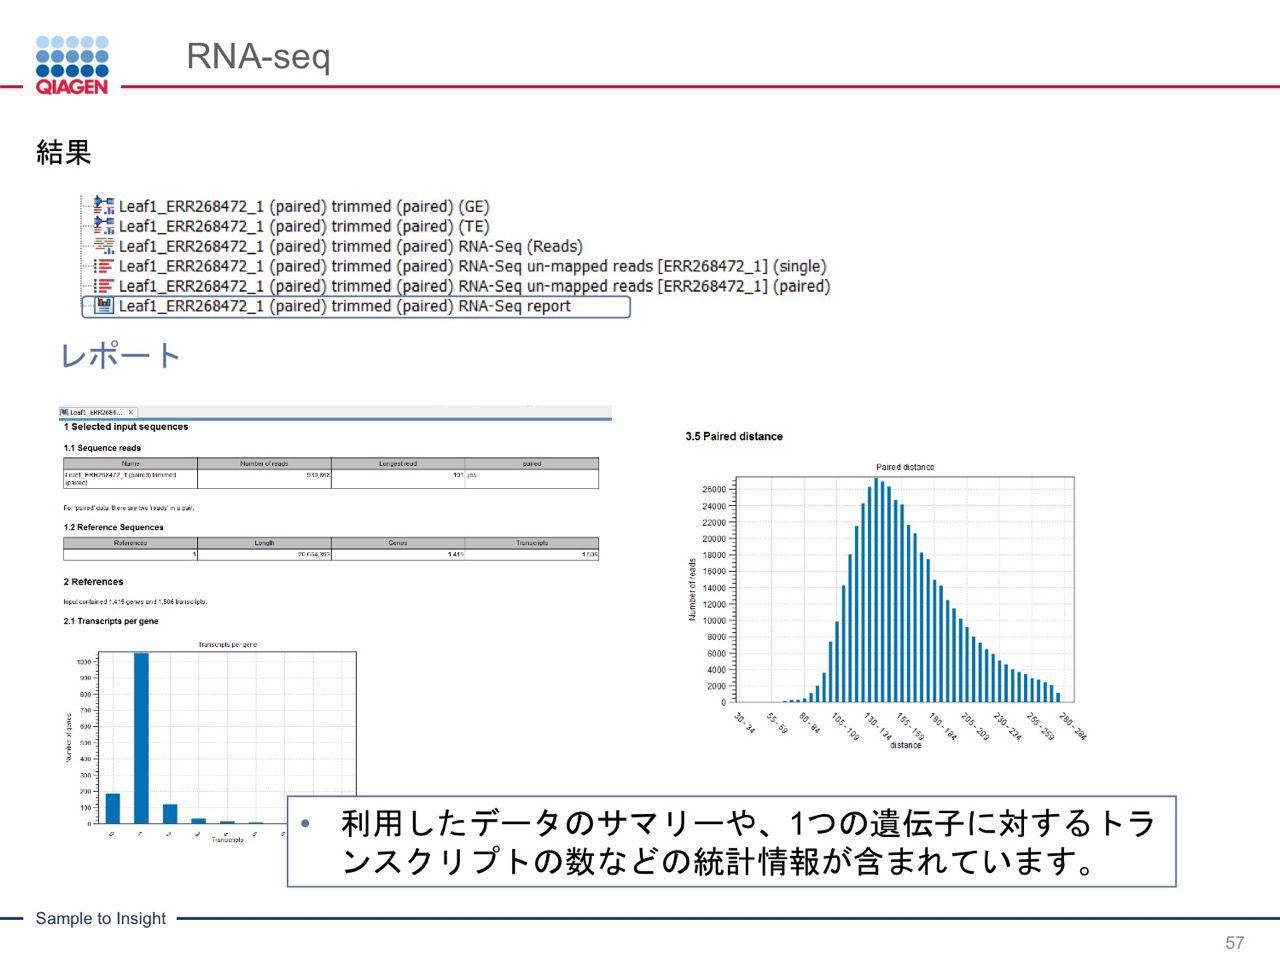 images/AJACSa2_miyamoto_057.jpg